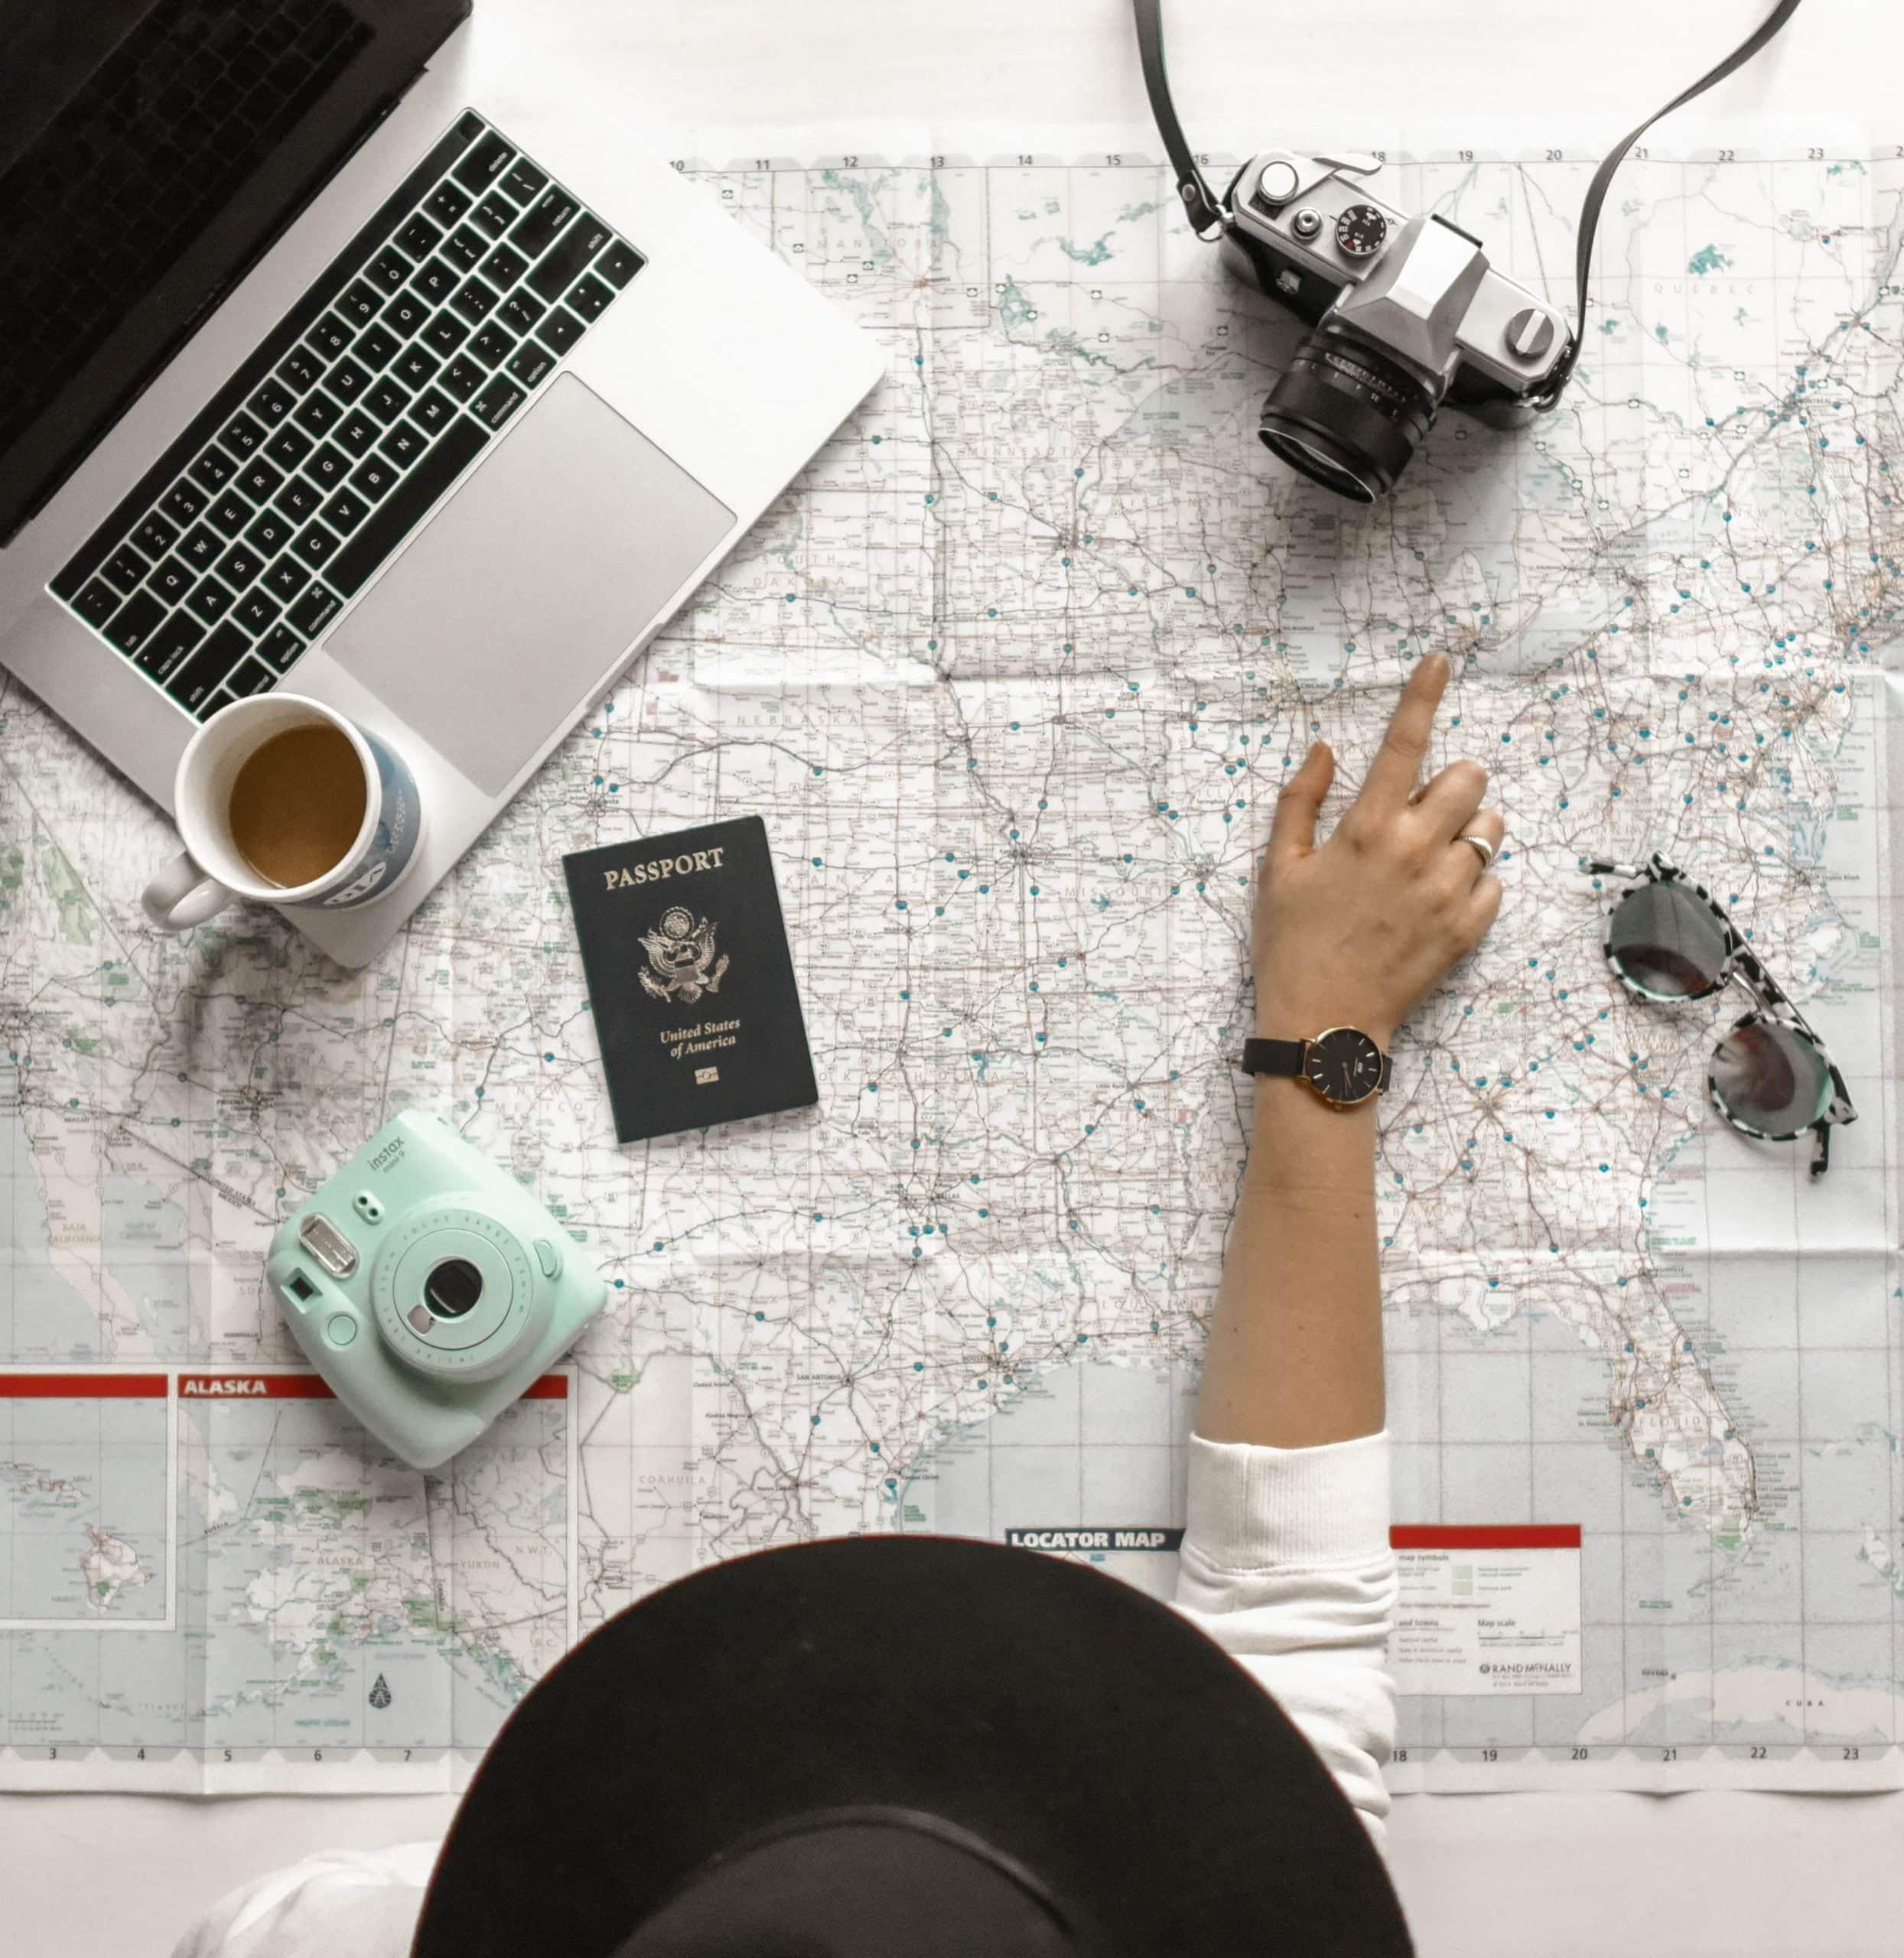 De 1e Digital Nomad cursus van Suzanne van Duijn